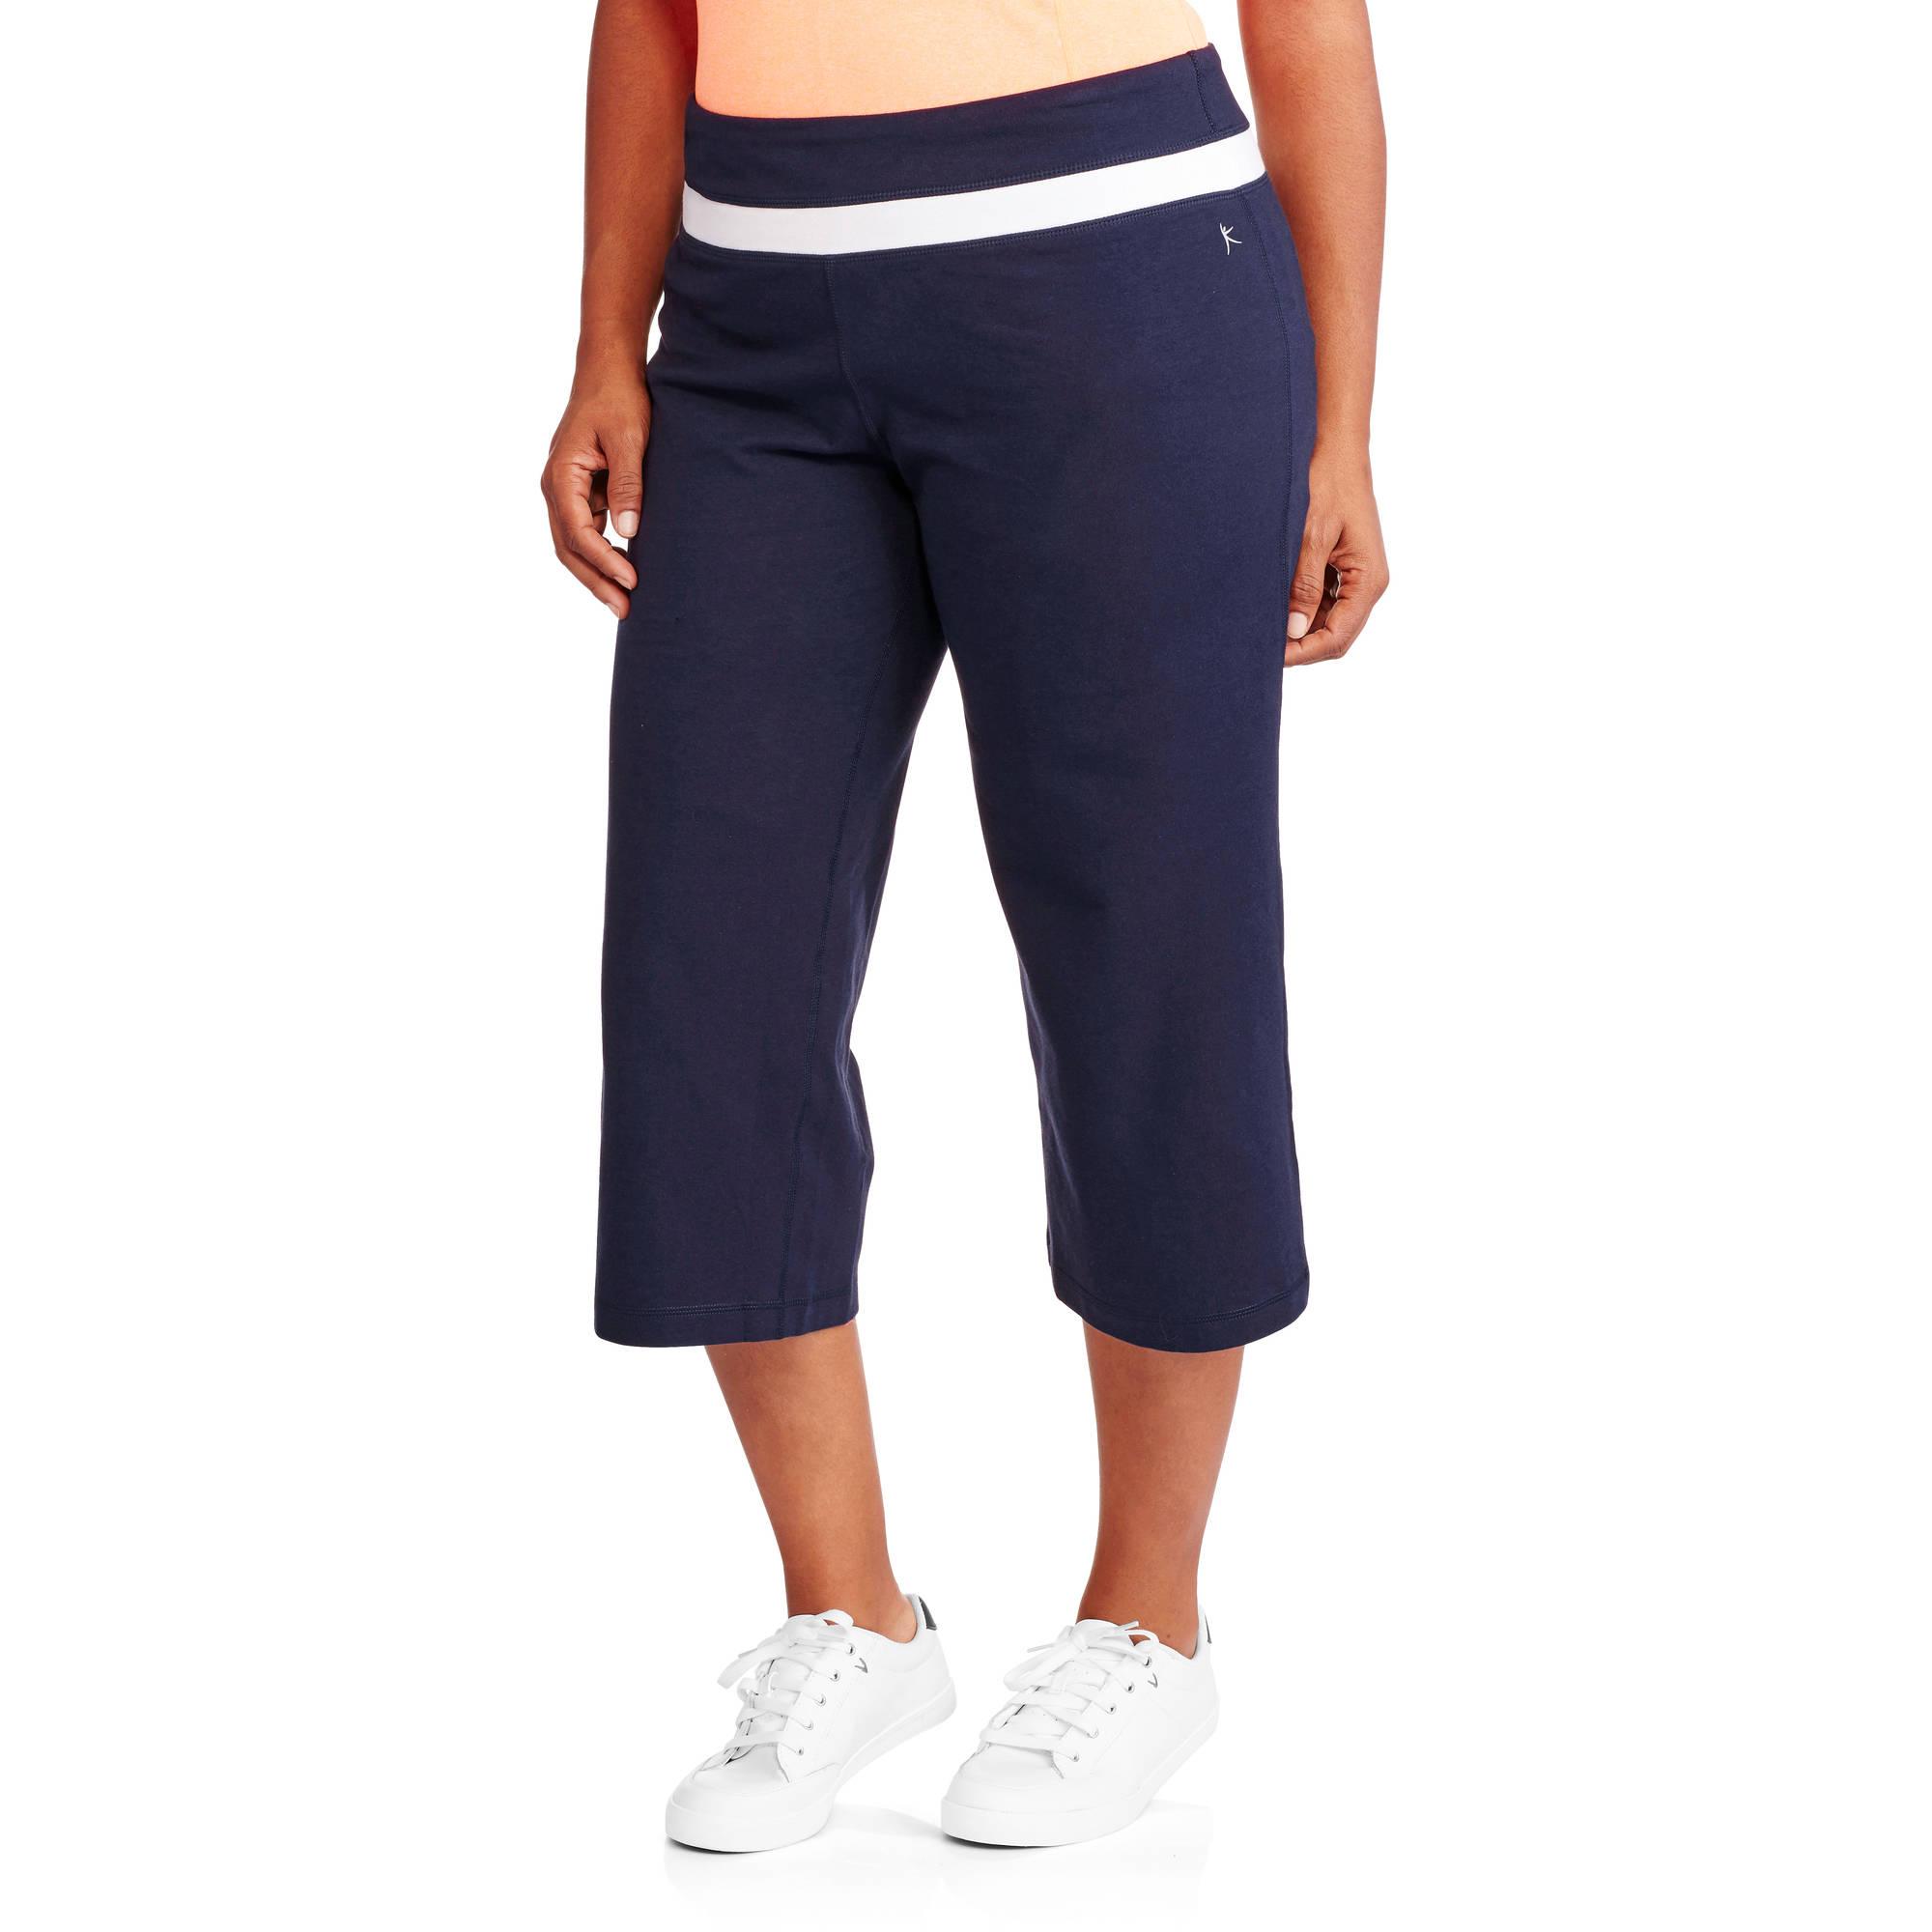 danskin now women's plus-size dri-more capri pants - walmart